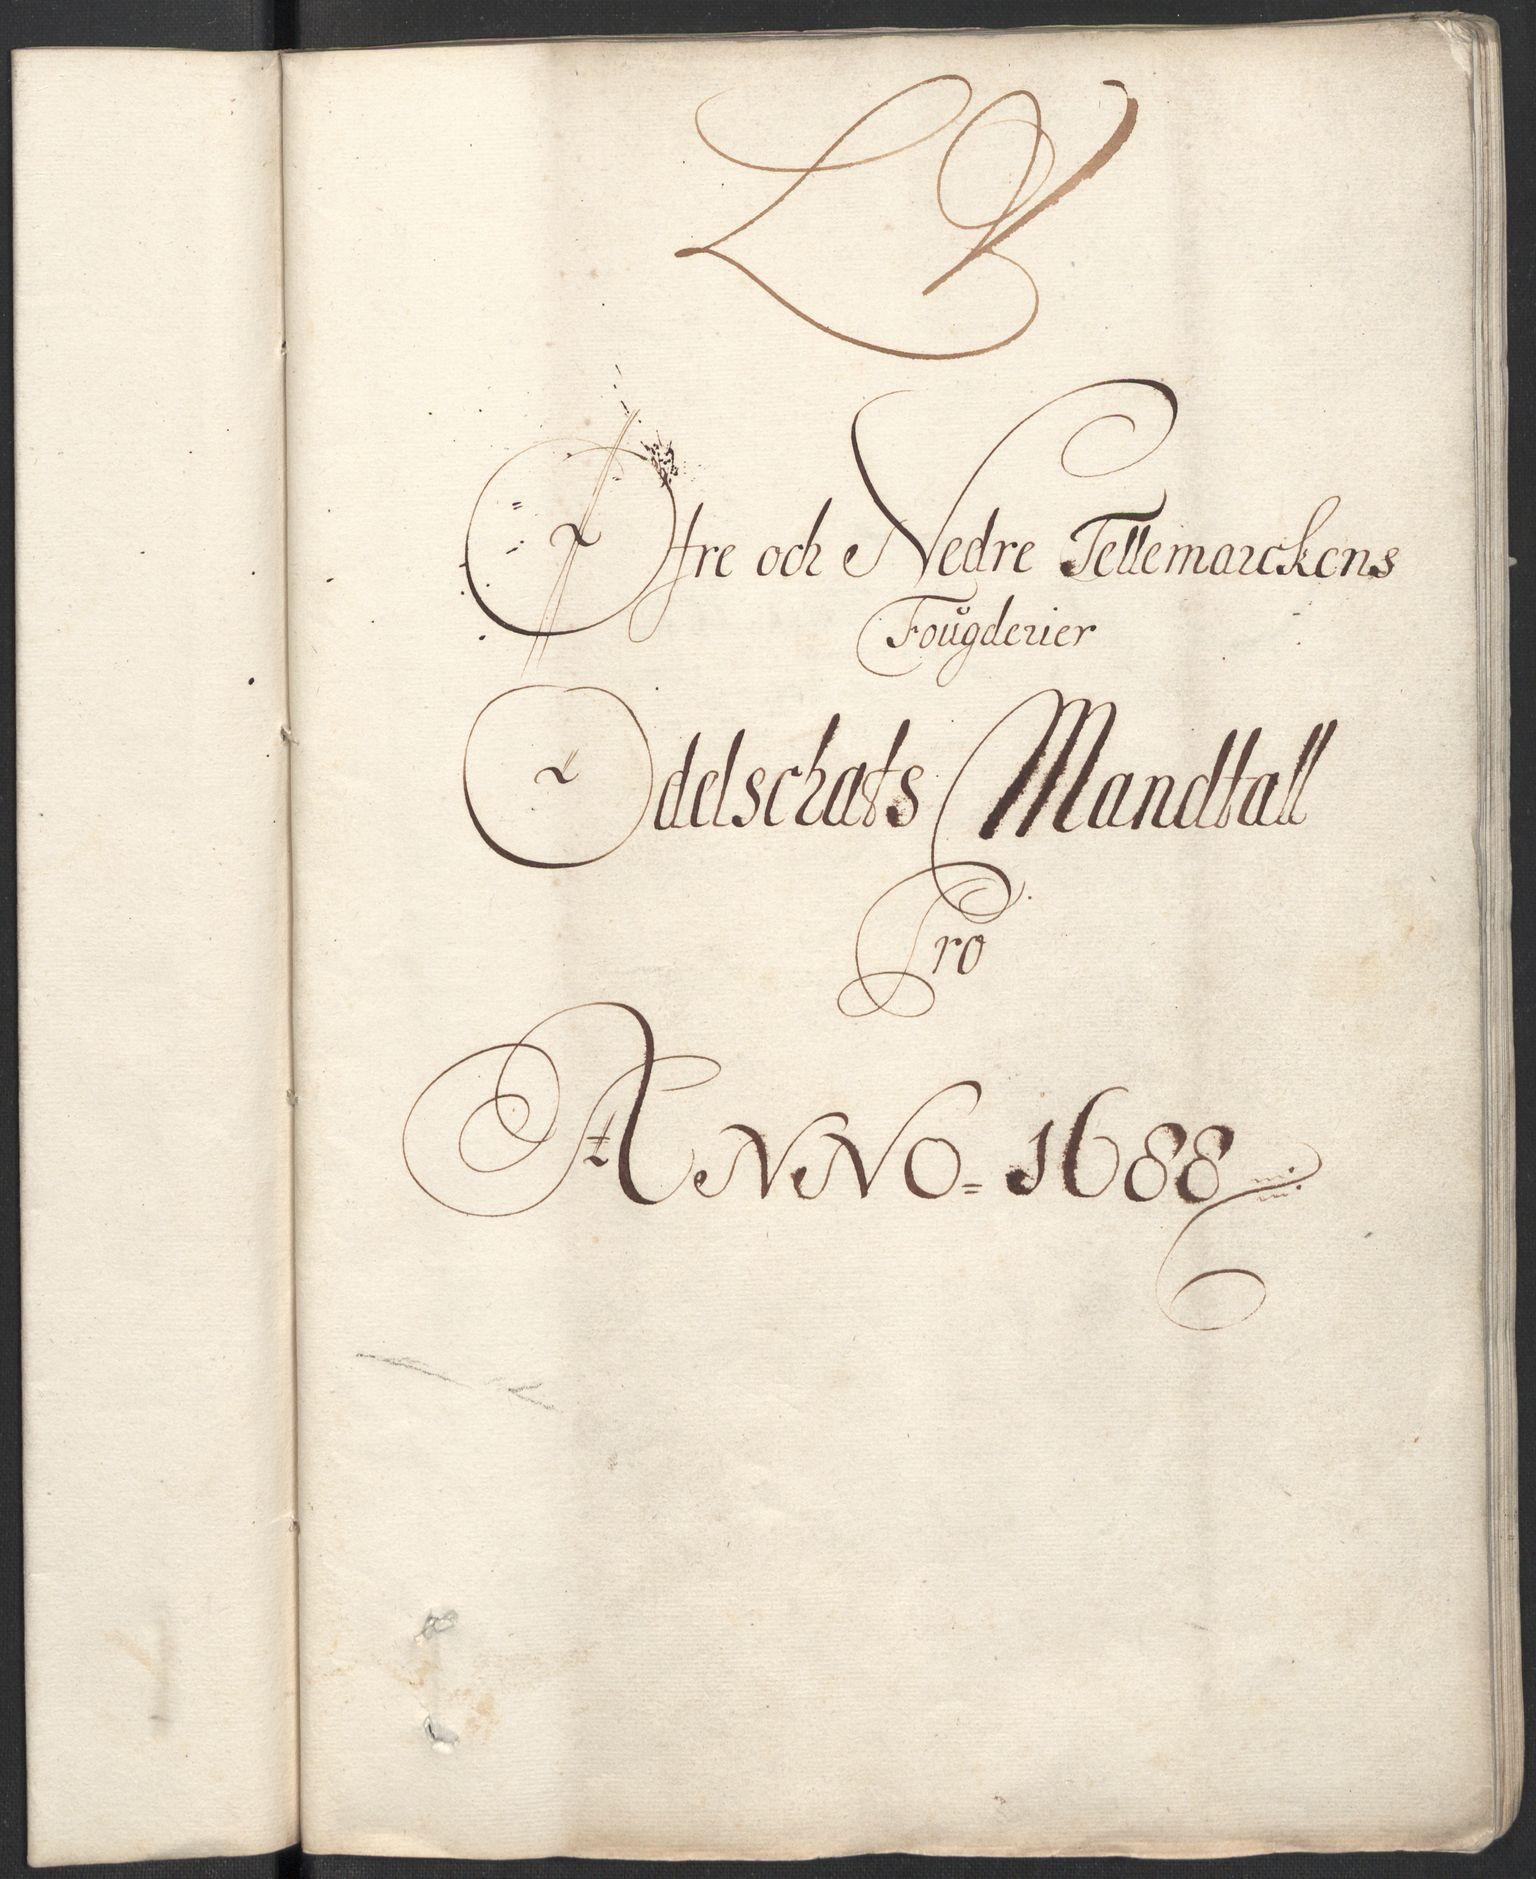 RA, Rentekammeret inntil 1814, Reviderte regnskaper, Fogderegnskap, R35/L2087: Fogderegnskap Øvre og Nedre Telemark, 1687-1689, s. 256